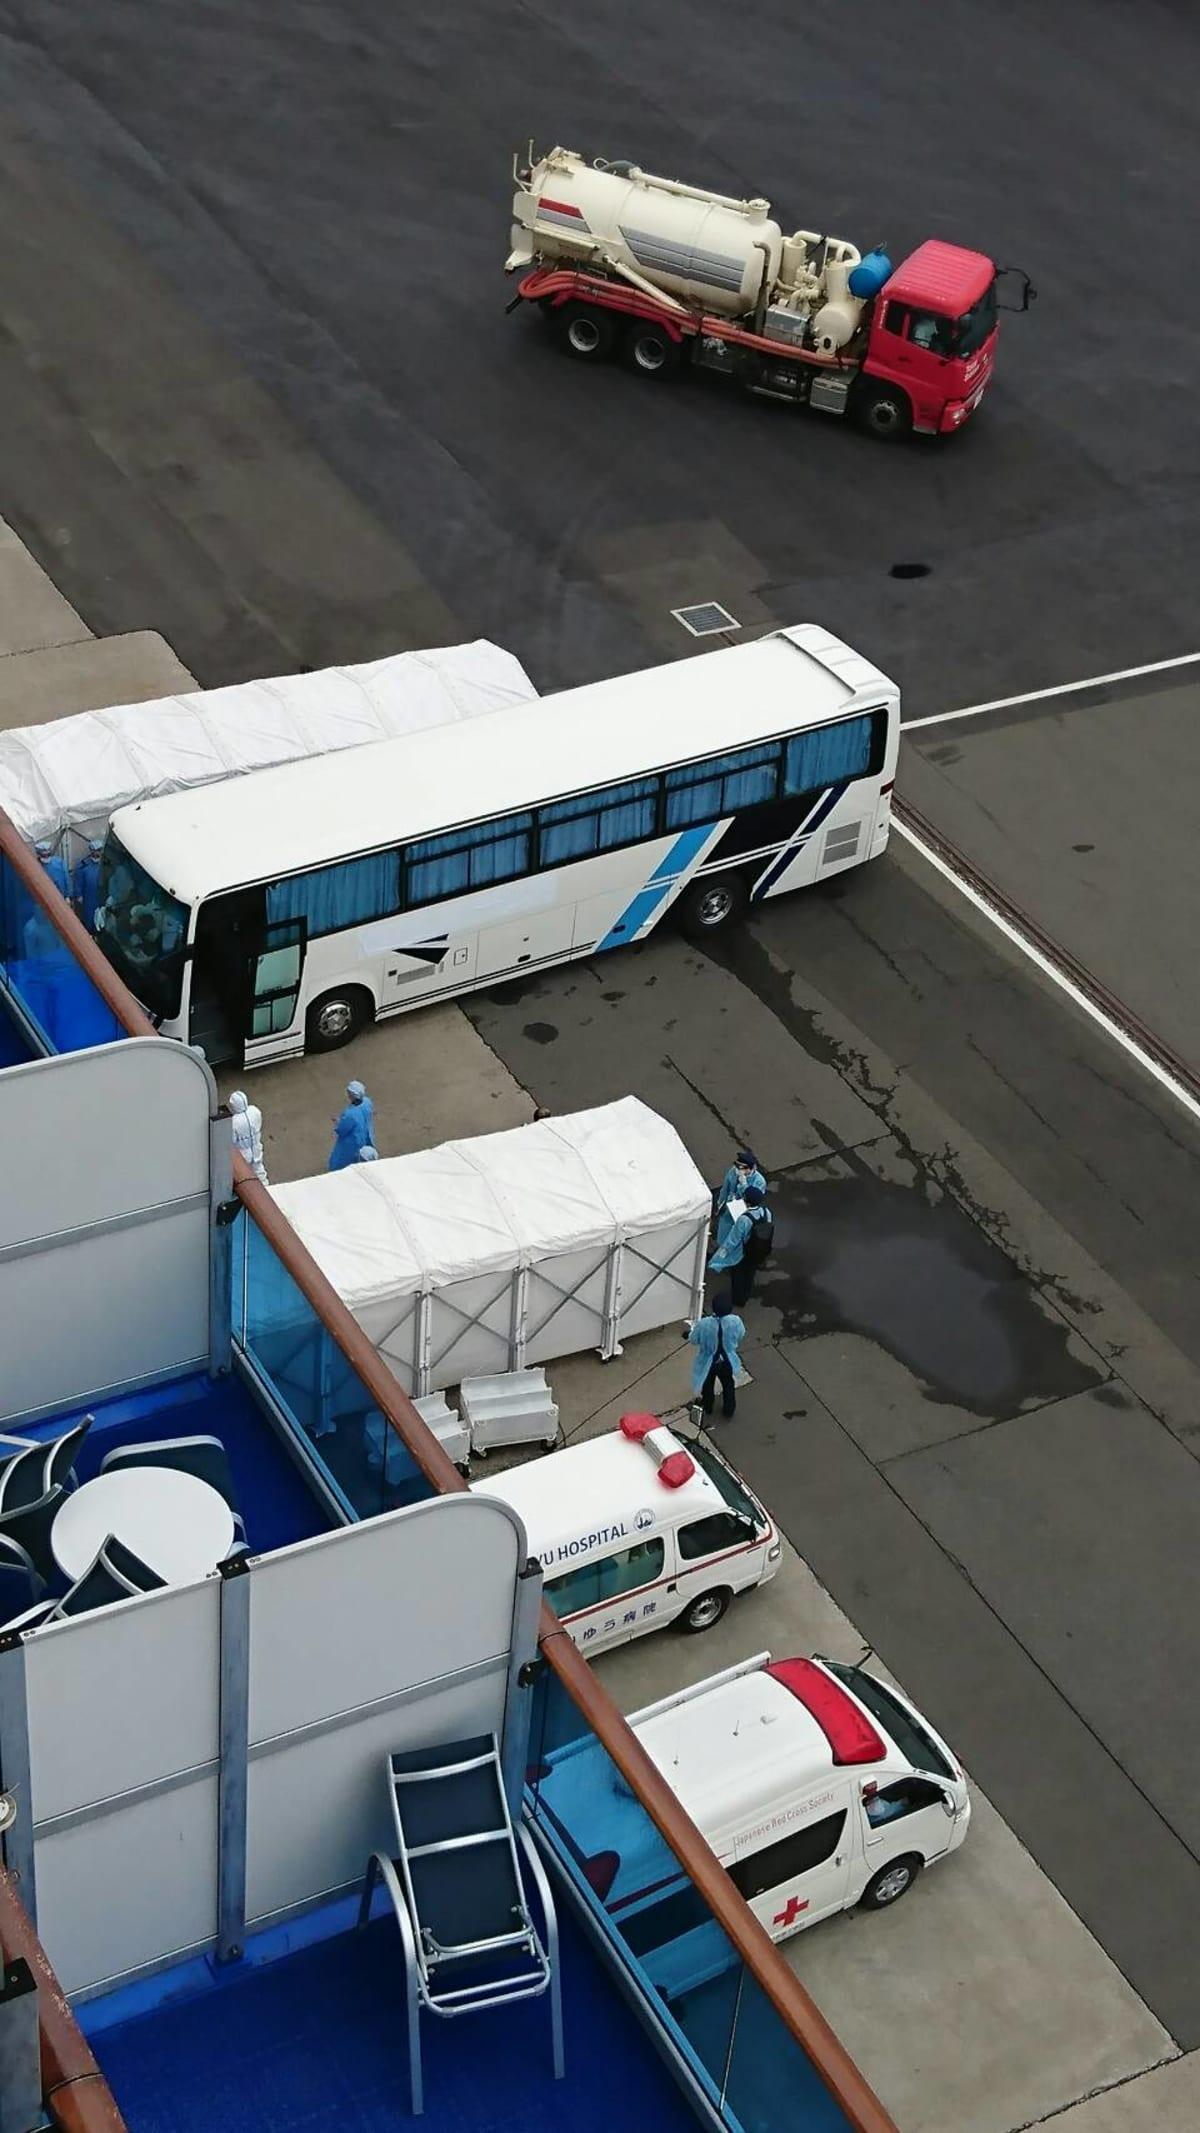 カーテンが締め切られているバス